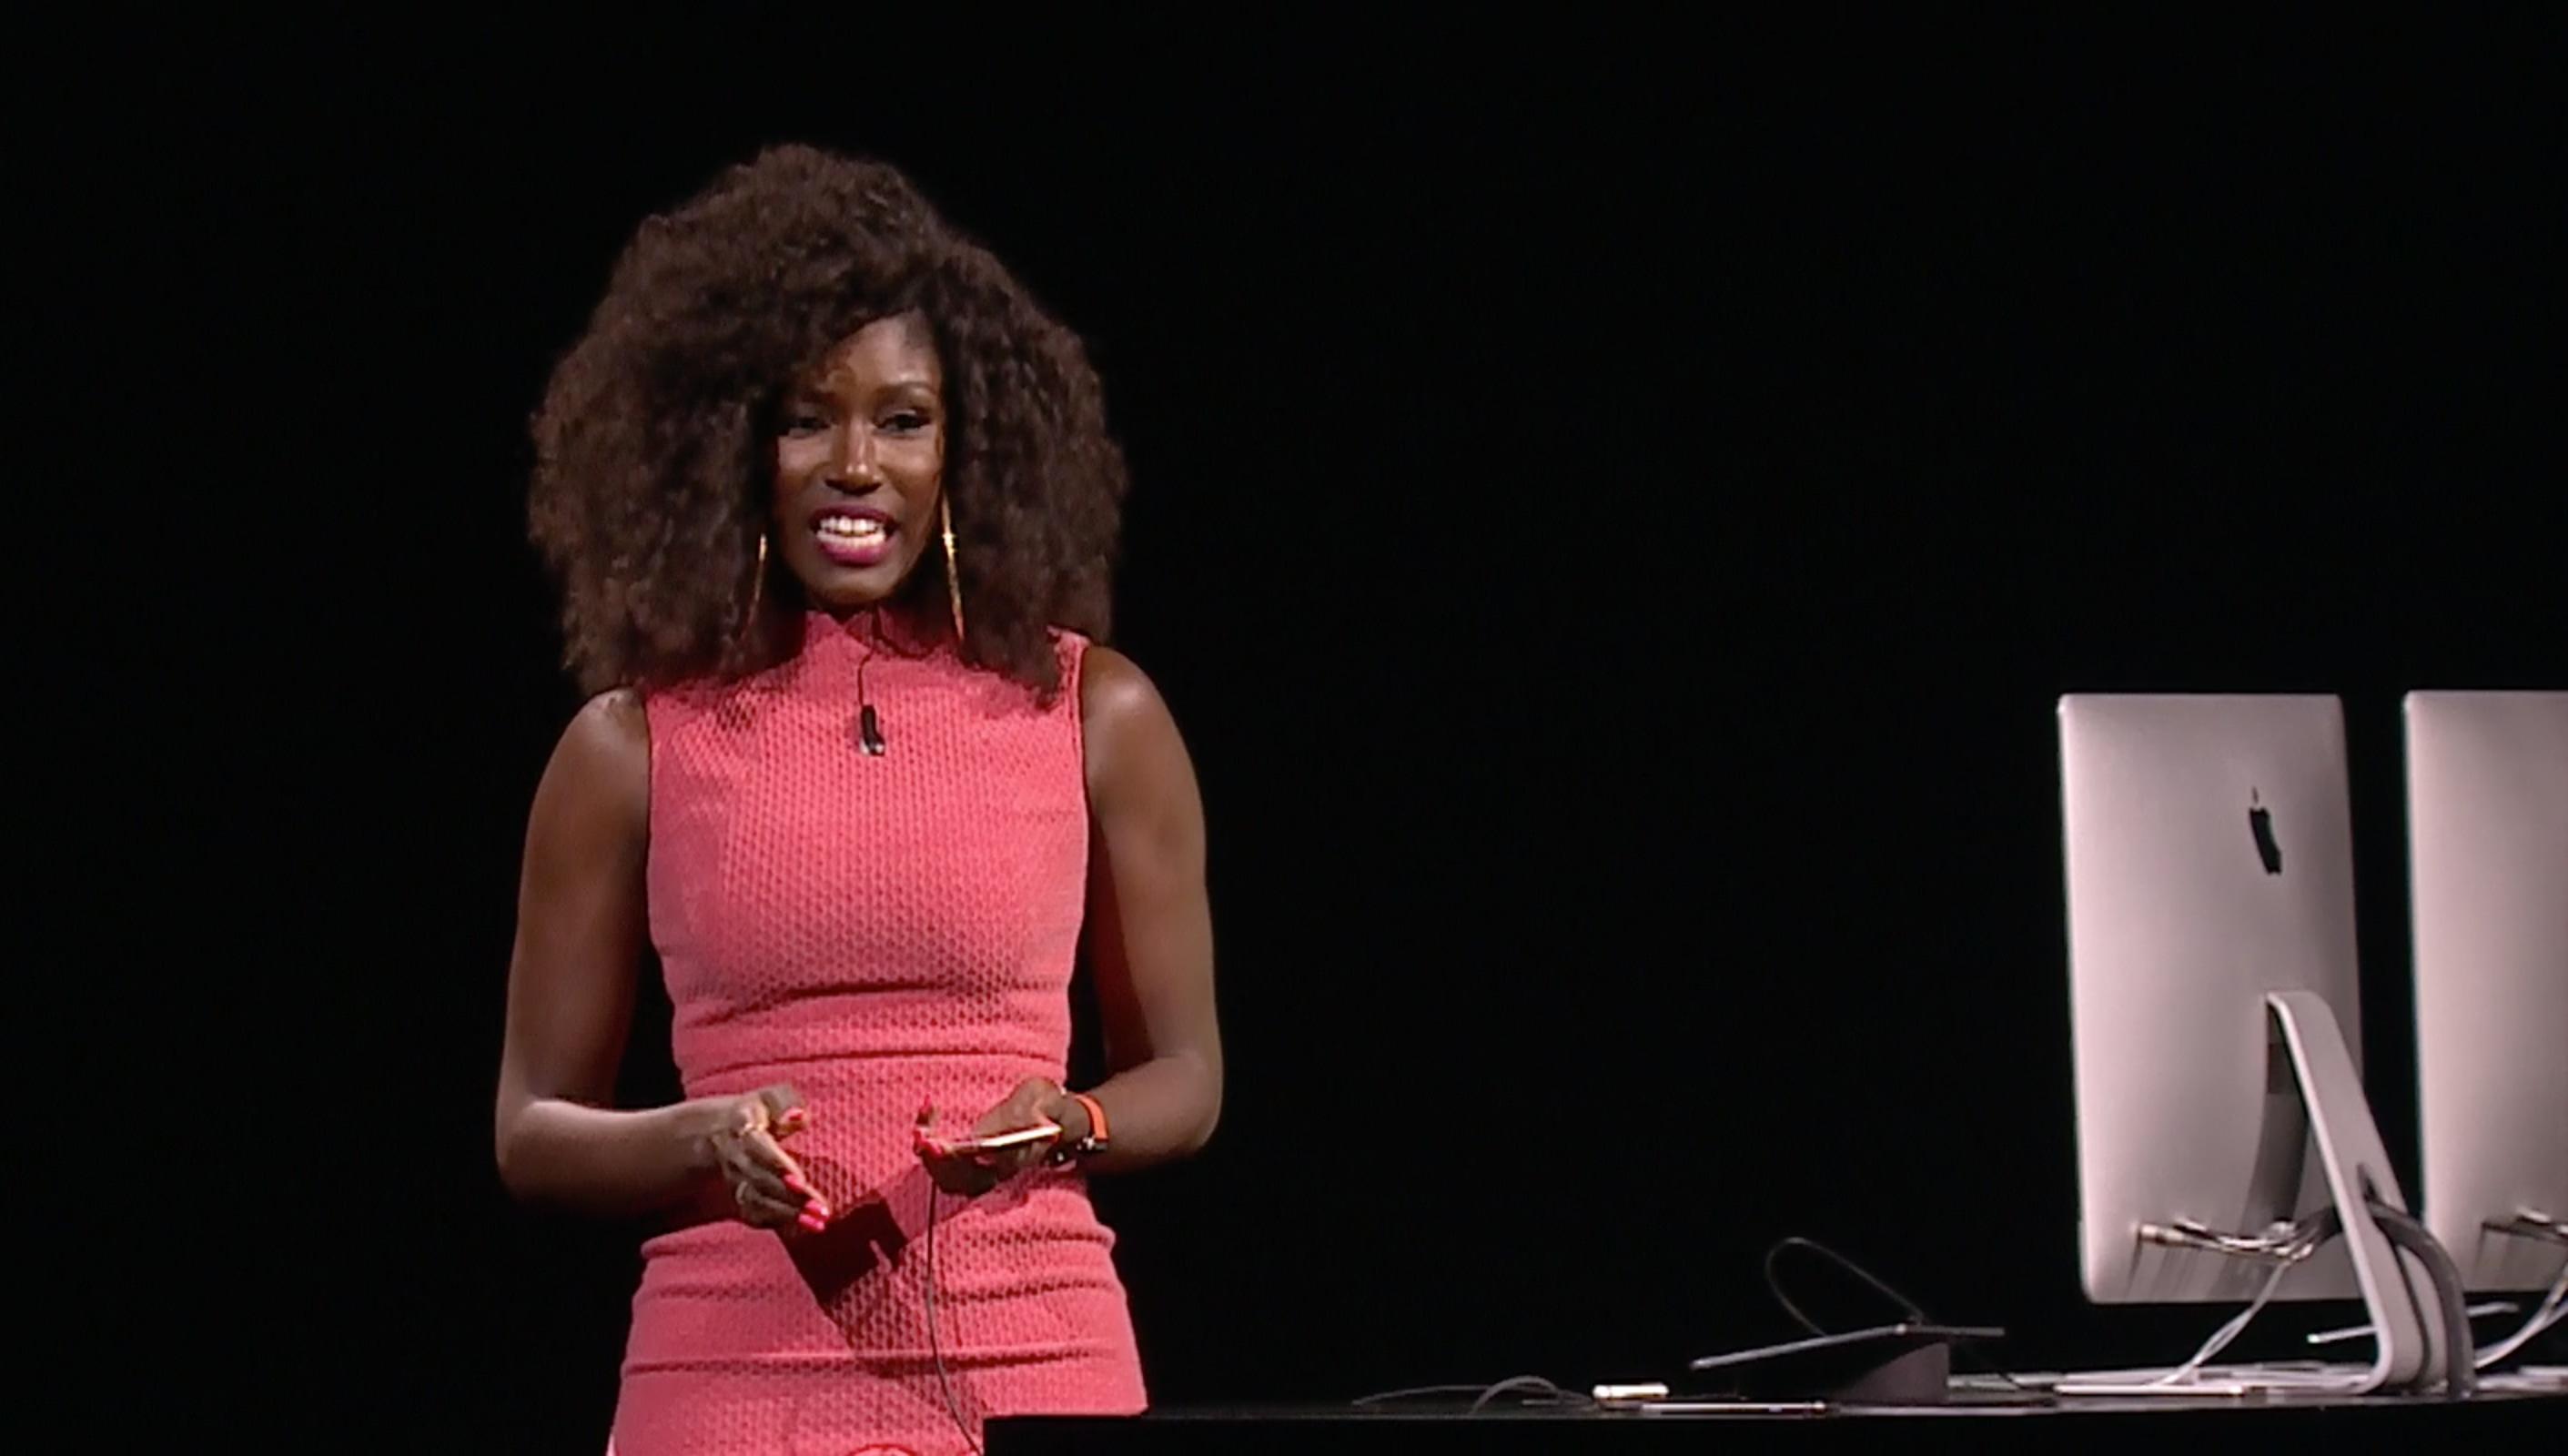 Bozoma Saint John na keynote da WWDC 2016